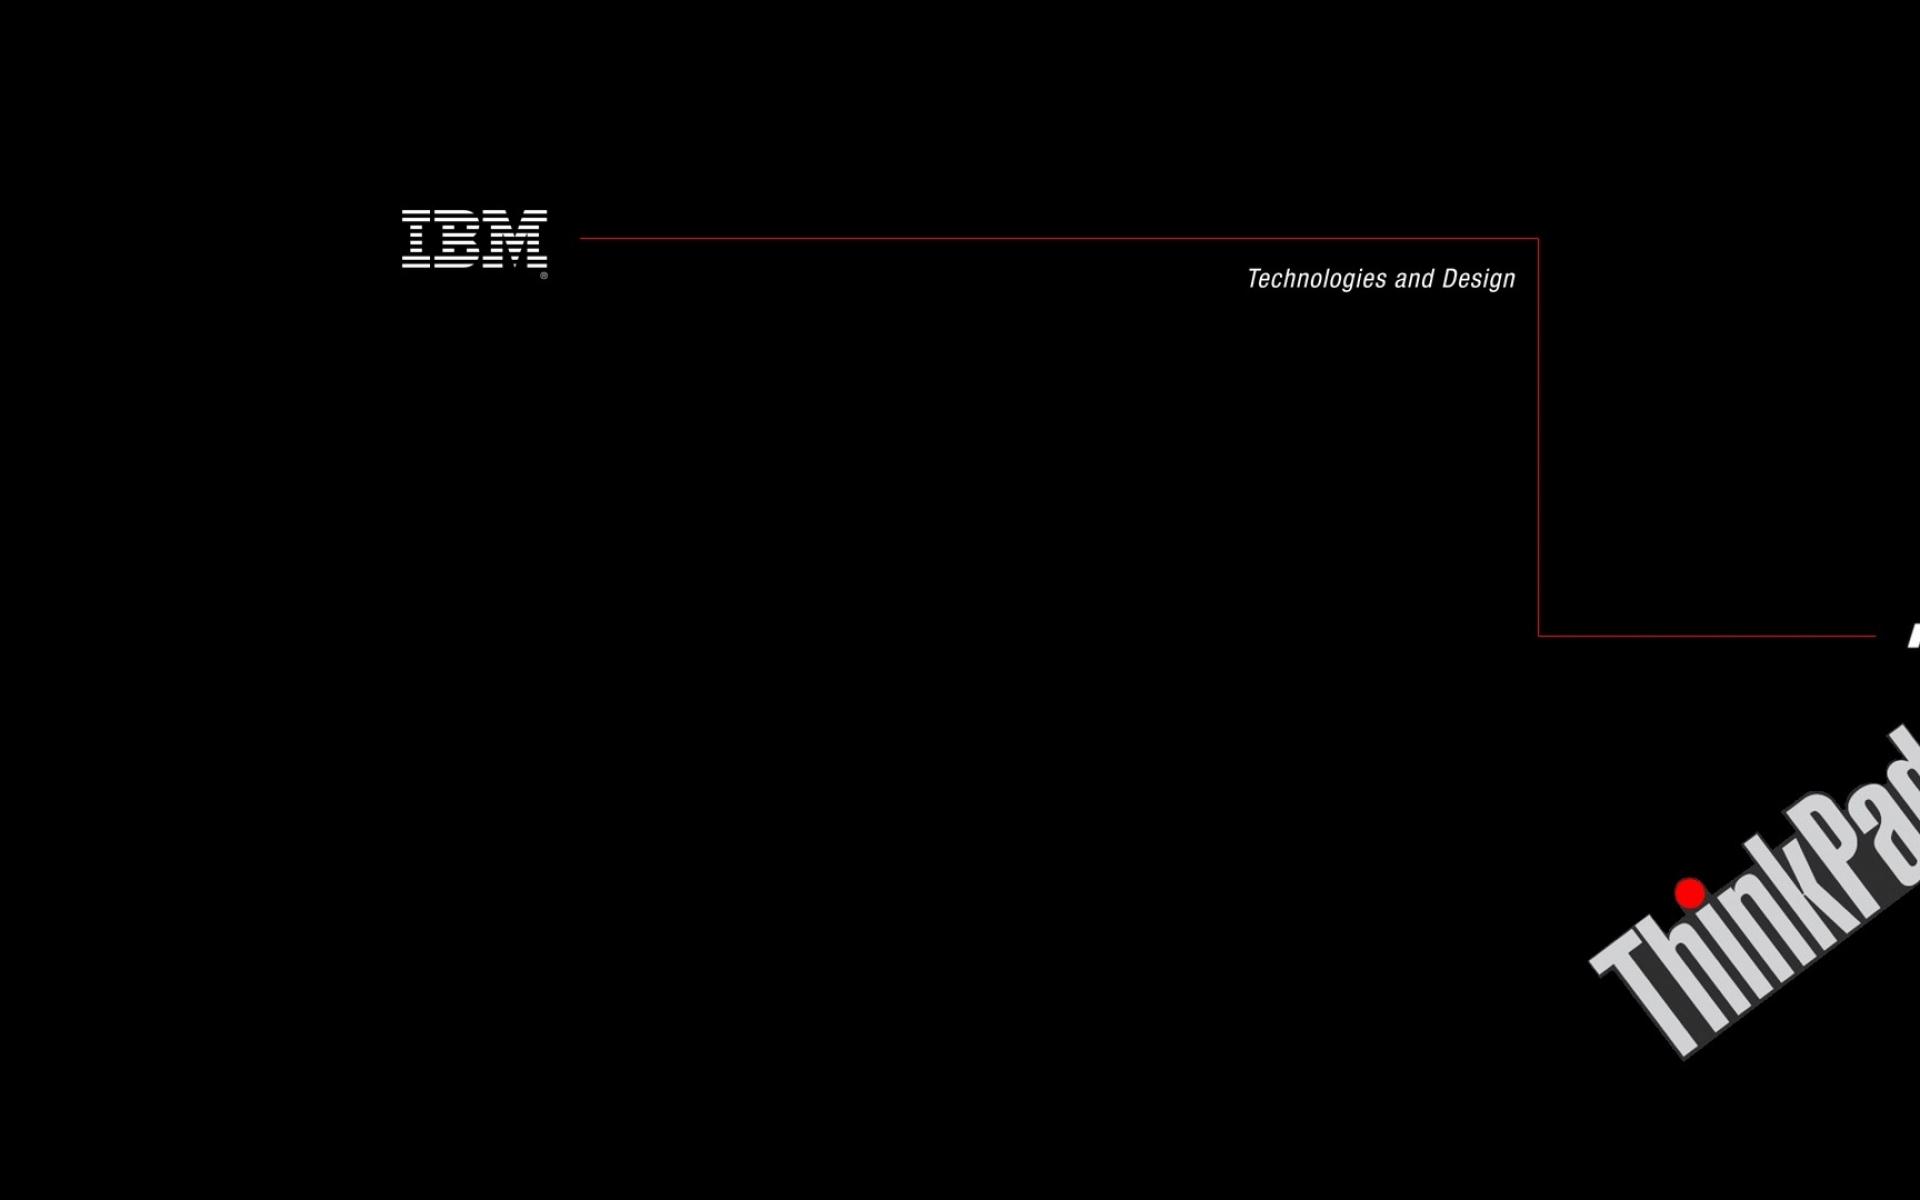 ibm thinkpad lenovo 19201080 wallpaper 1920x1200